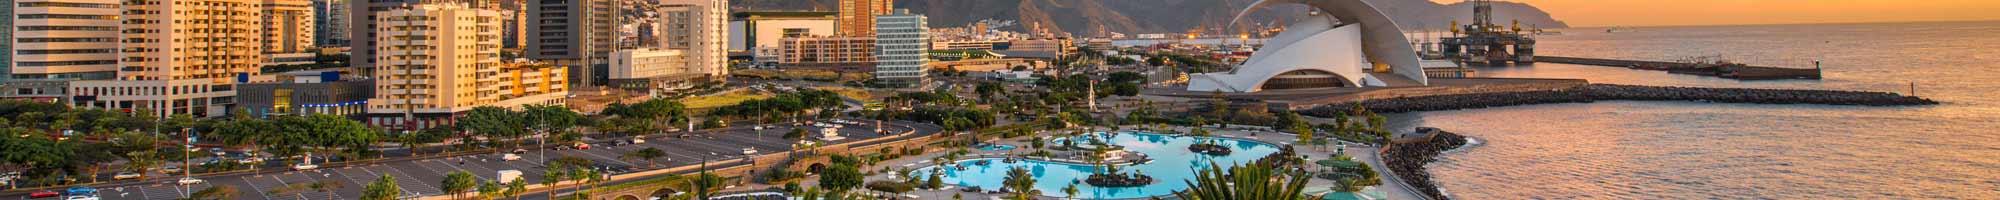 Hoteles con piscina al aire libre en Playa Del Cable